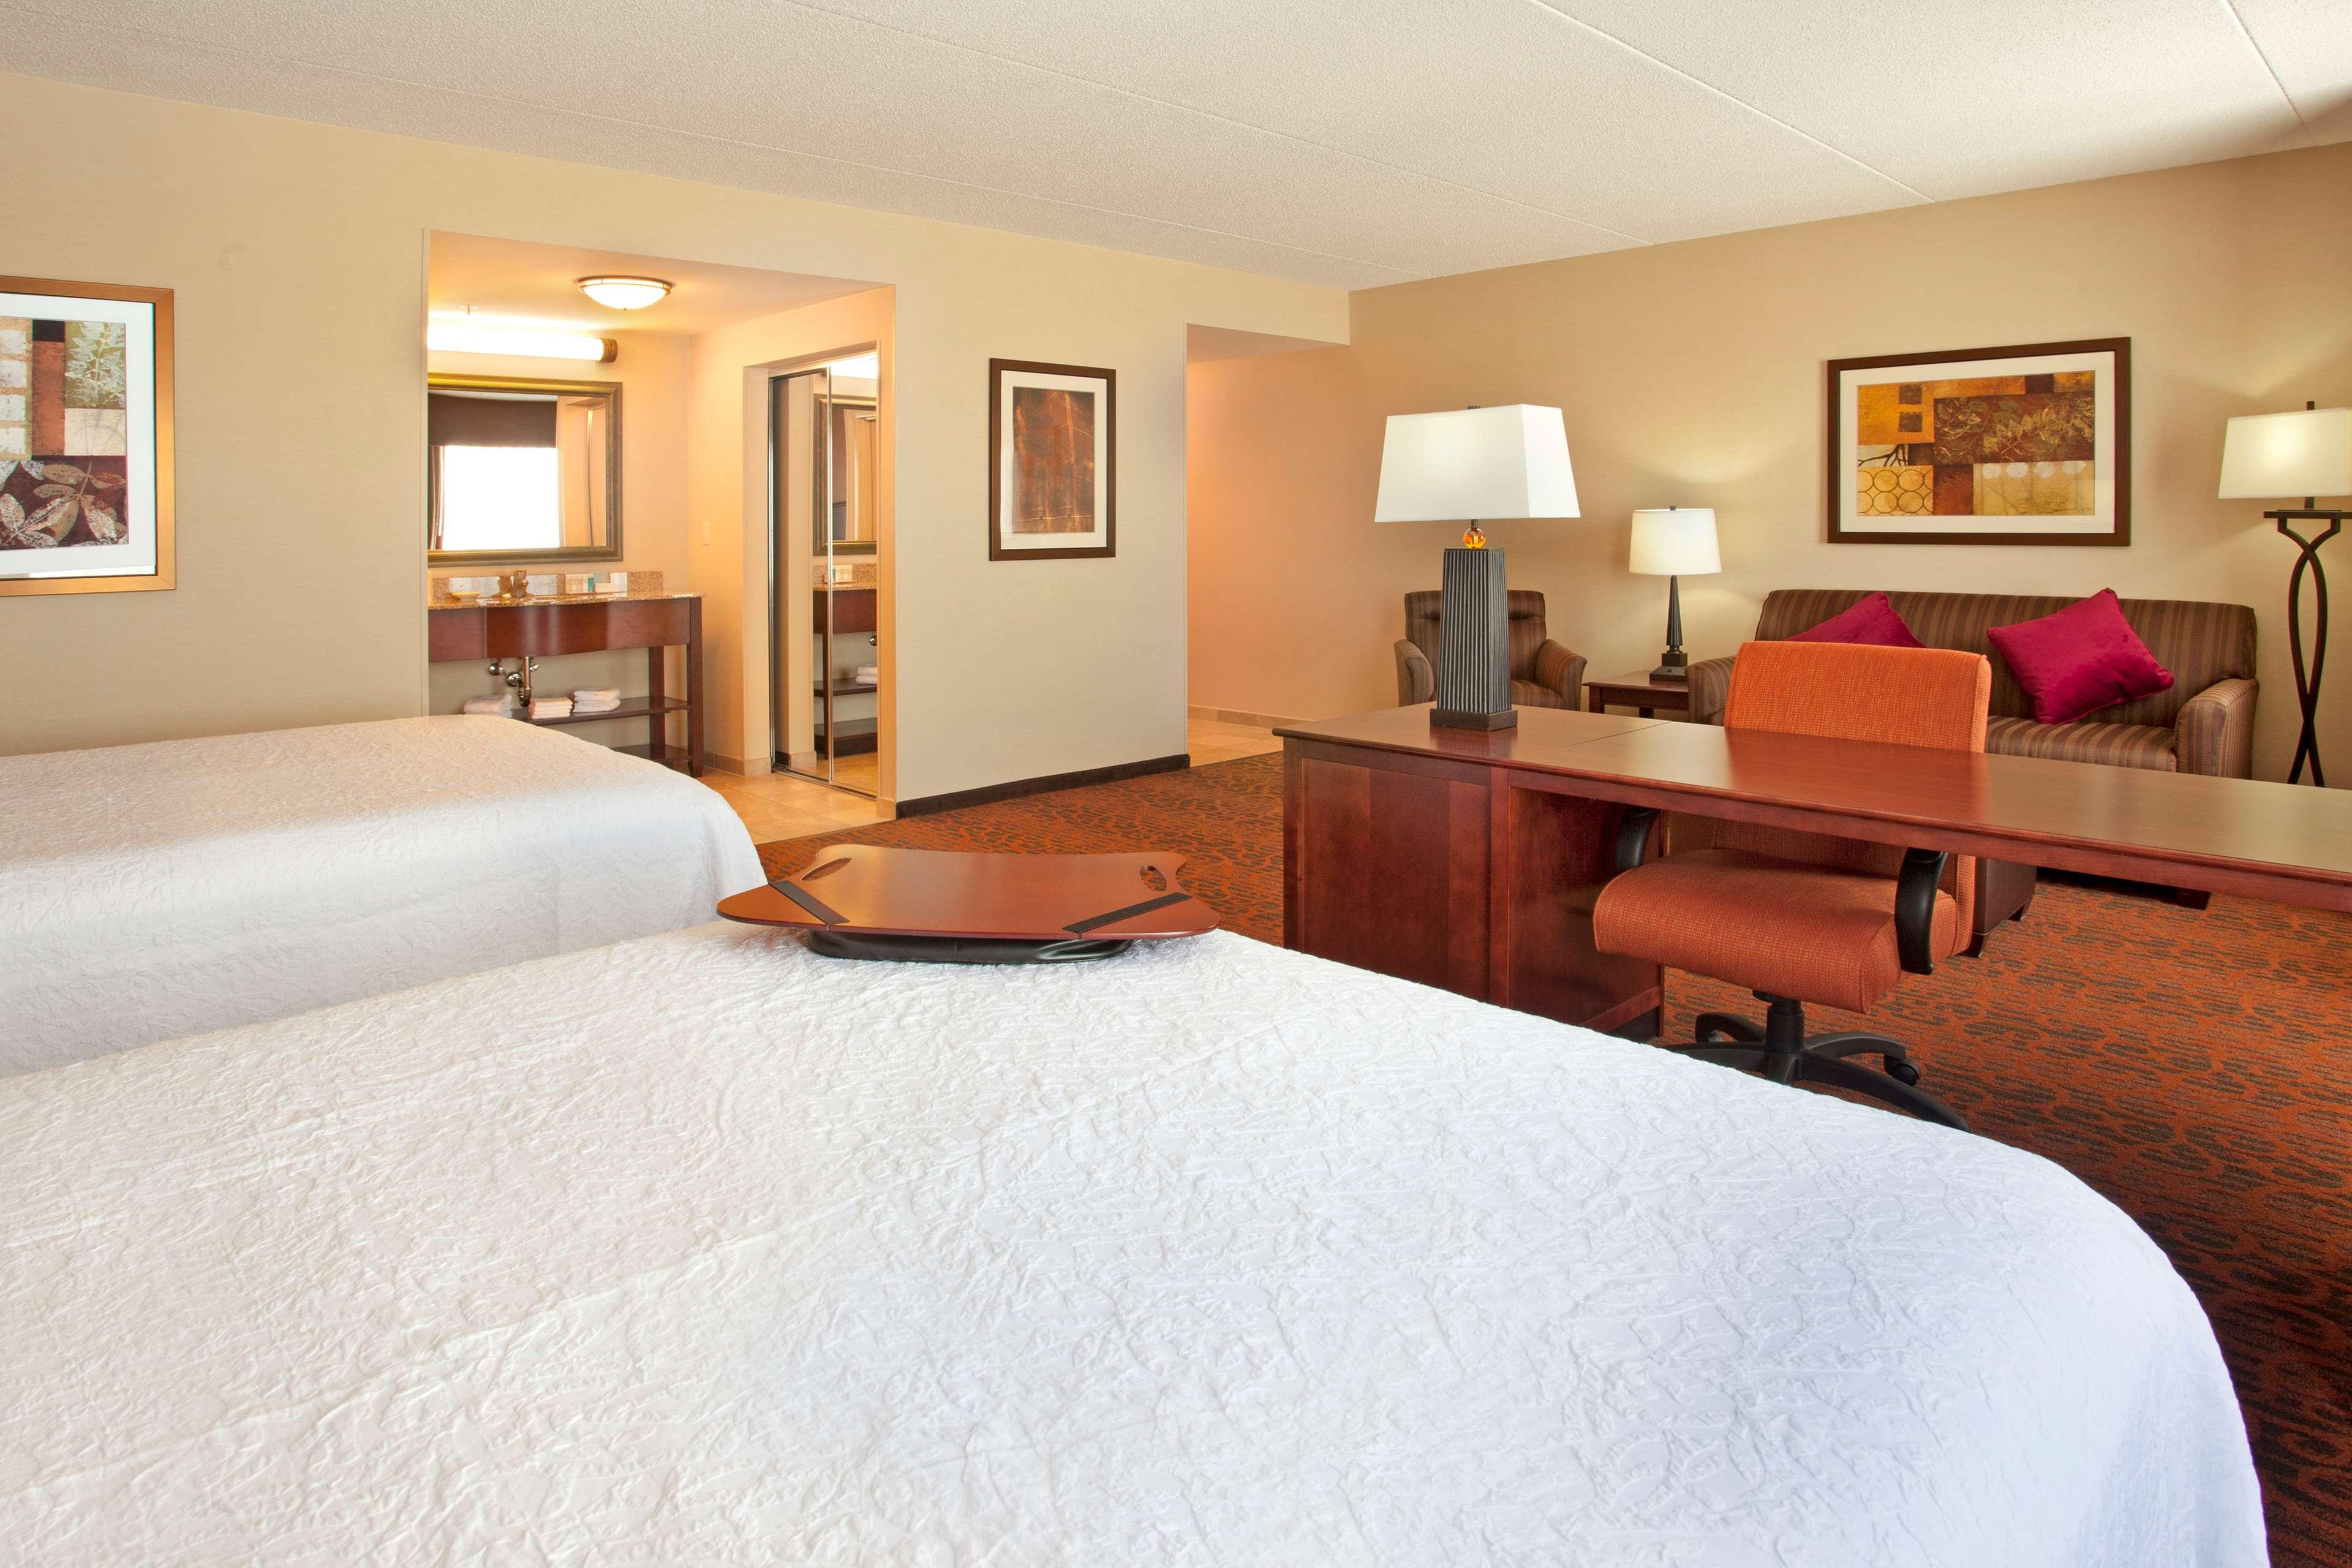 Hampton Inn Suites Minneapolis St Paul Arpt-Mall of America image 23